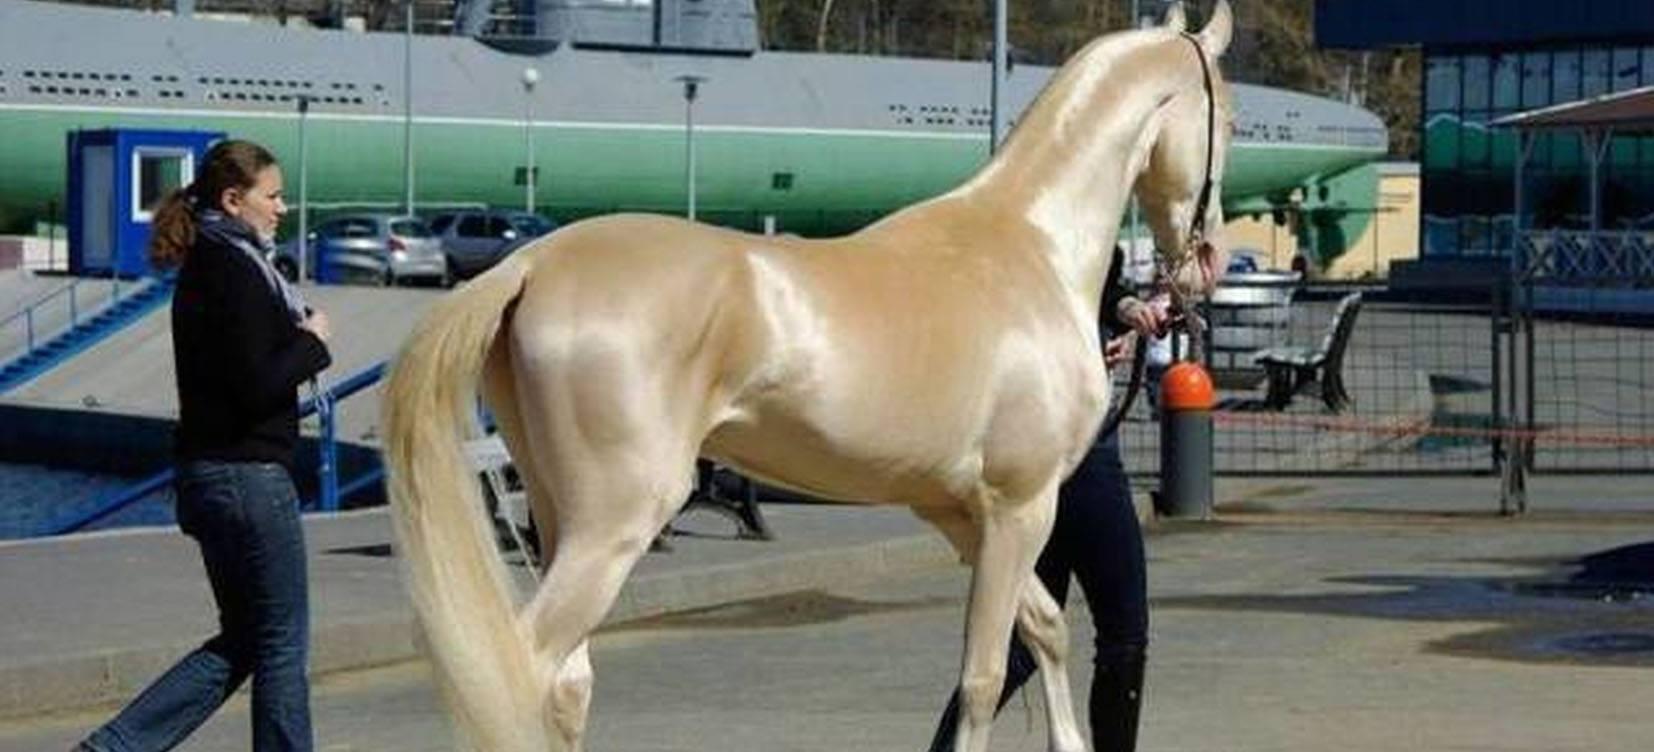 Przepiękny koń